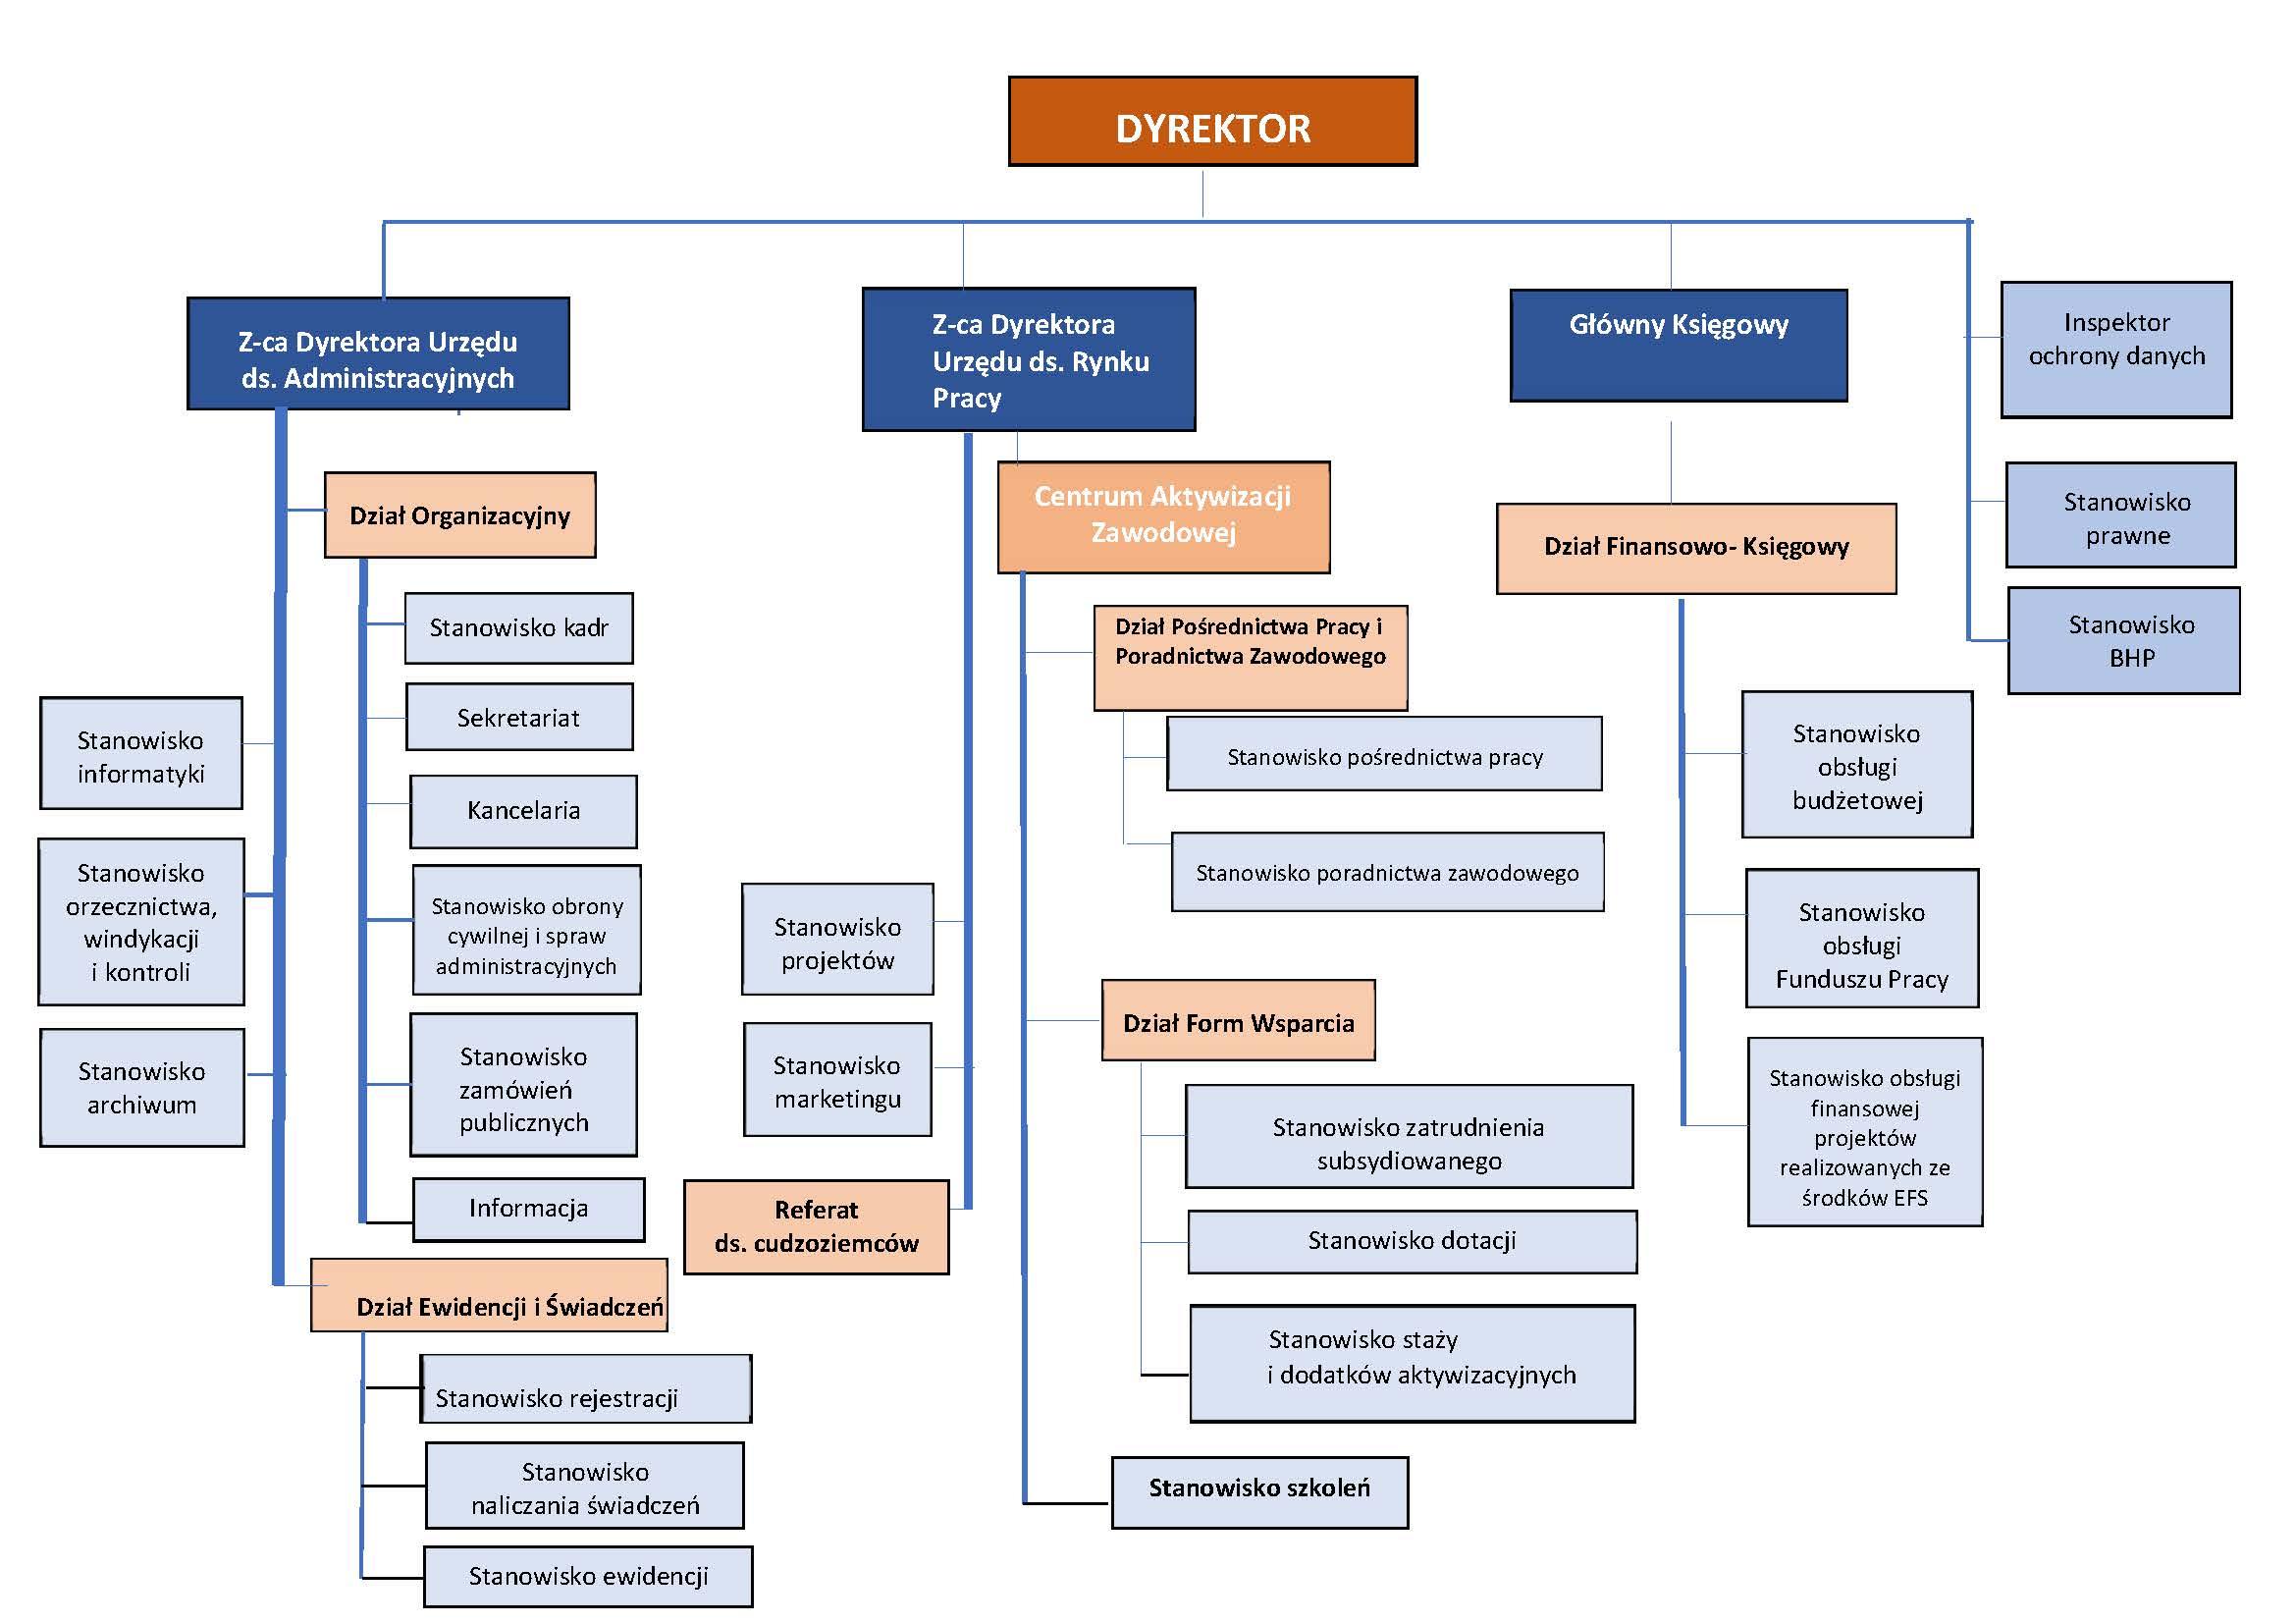 Schemat organizacyjny Powiatowego Urzędu Pracy w Gdyni